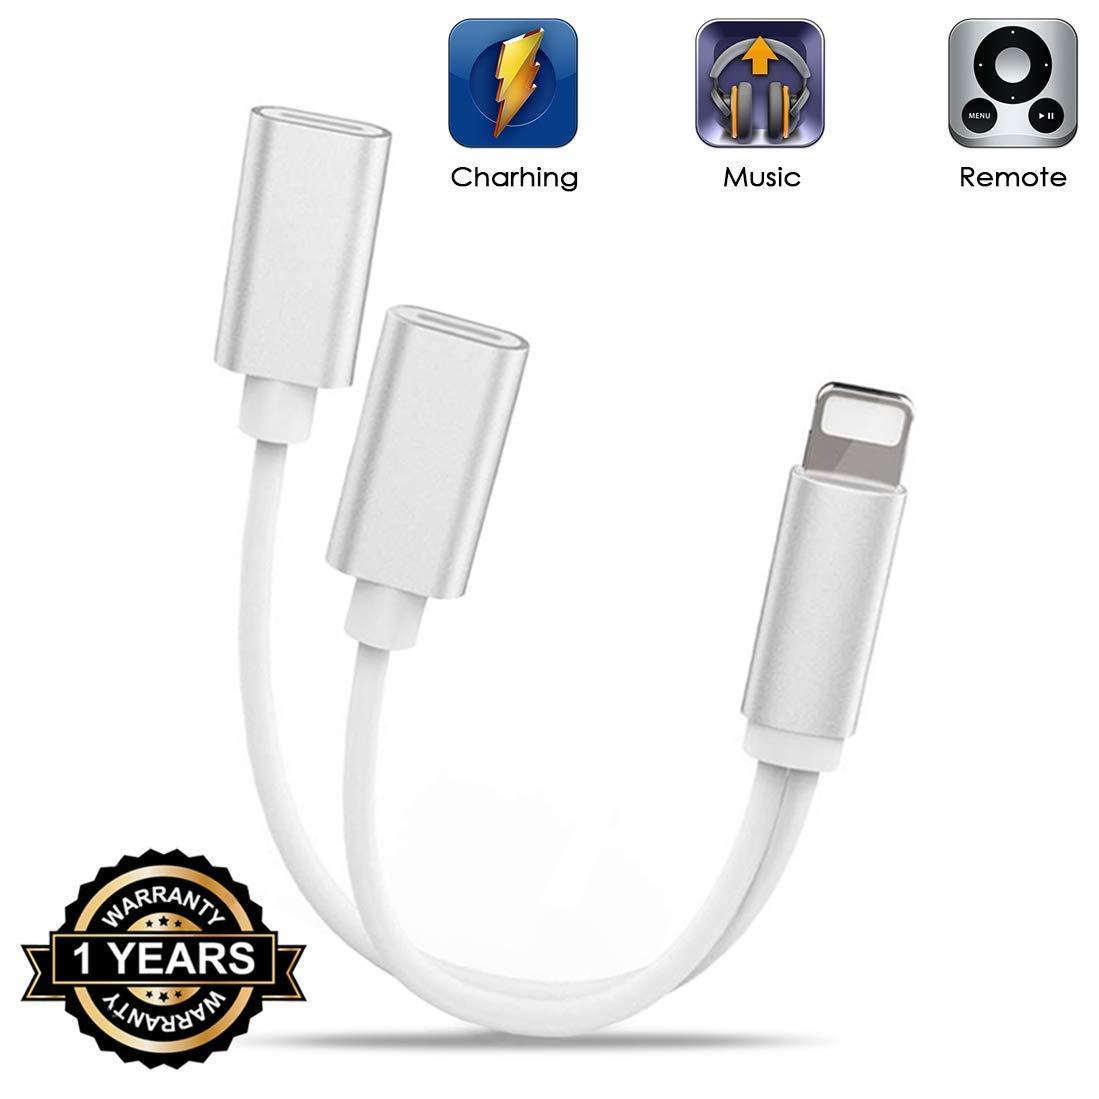 DAEETO Adaptador de Conector para Auriculares iPhone / 8 / X / 7 Plus / 8 Plus Cargador a Adaptador Auxiliar de [Música + Carga + Control de Volumen] ...